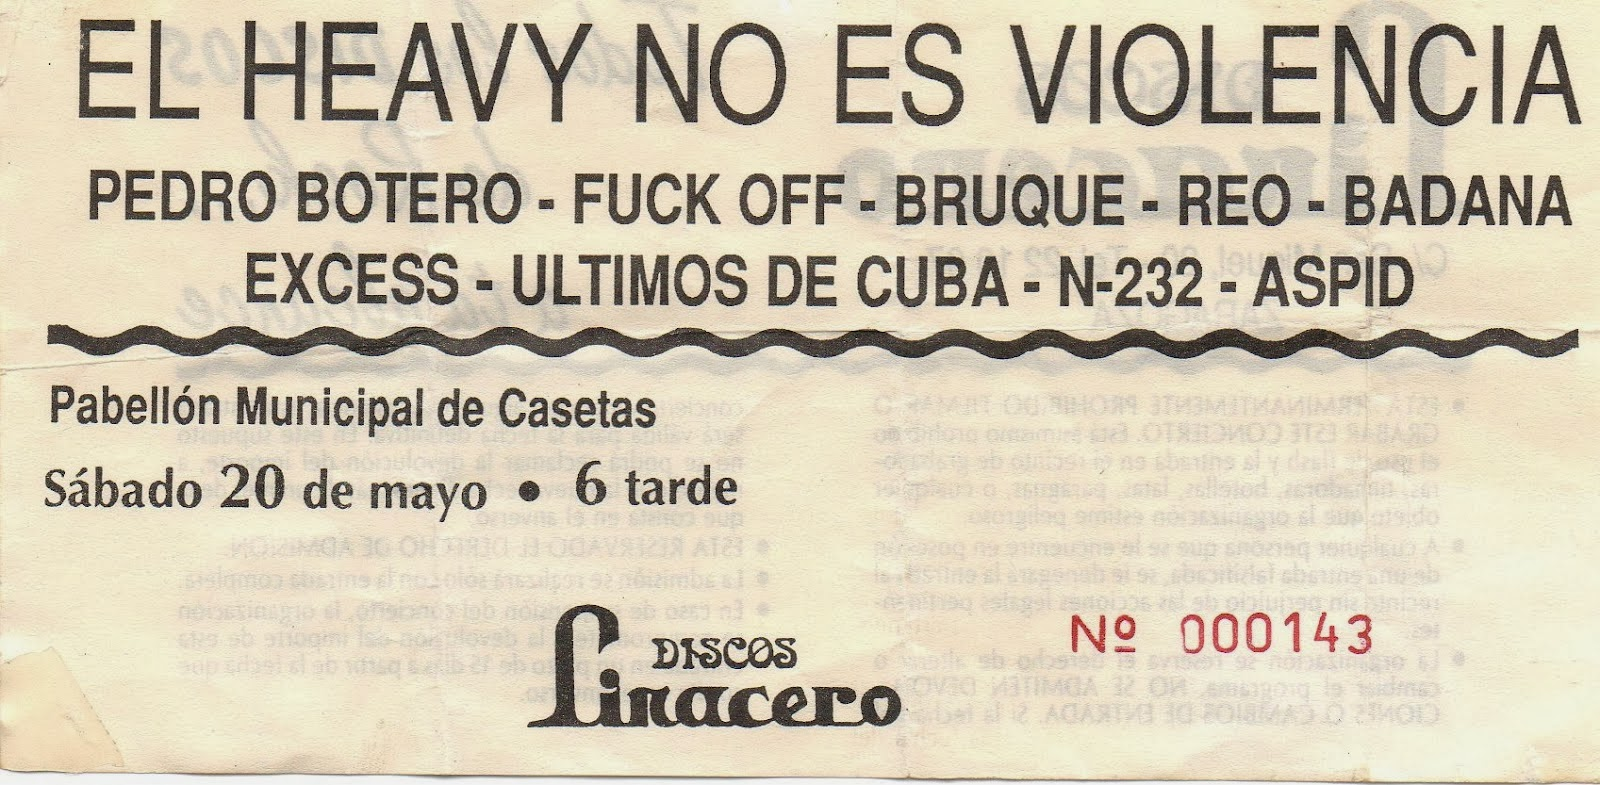 Varias entradas de la campaña «El heavy no es violencia»